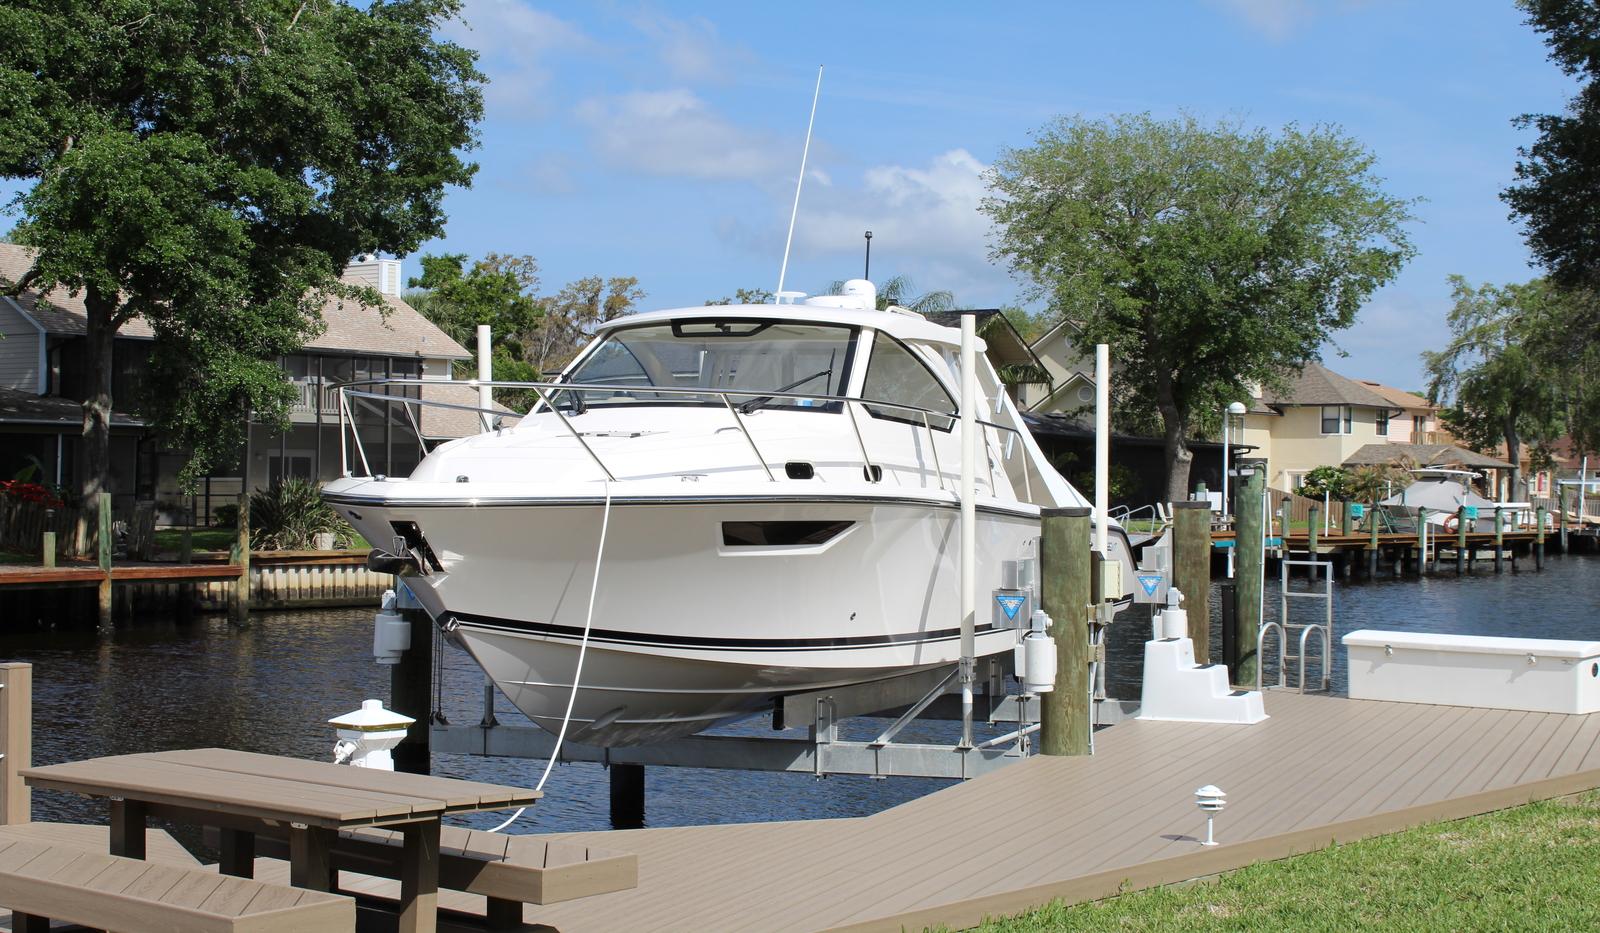 Gause Built Boats Parking Only Boat Ship yacth Marina Lake Dock Aluminum Sign